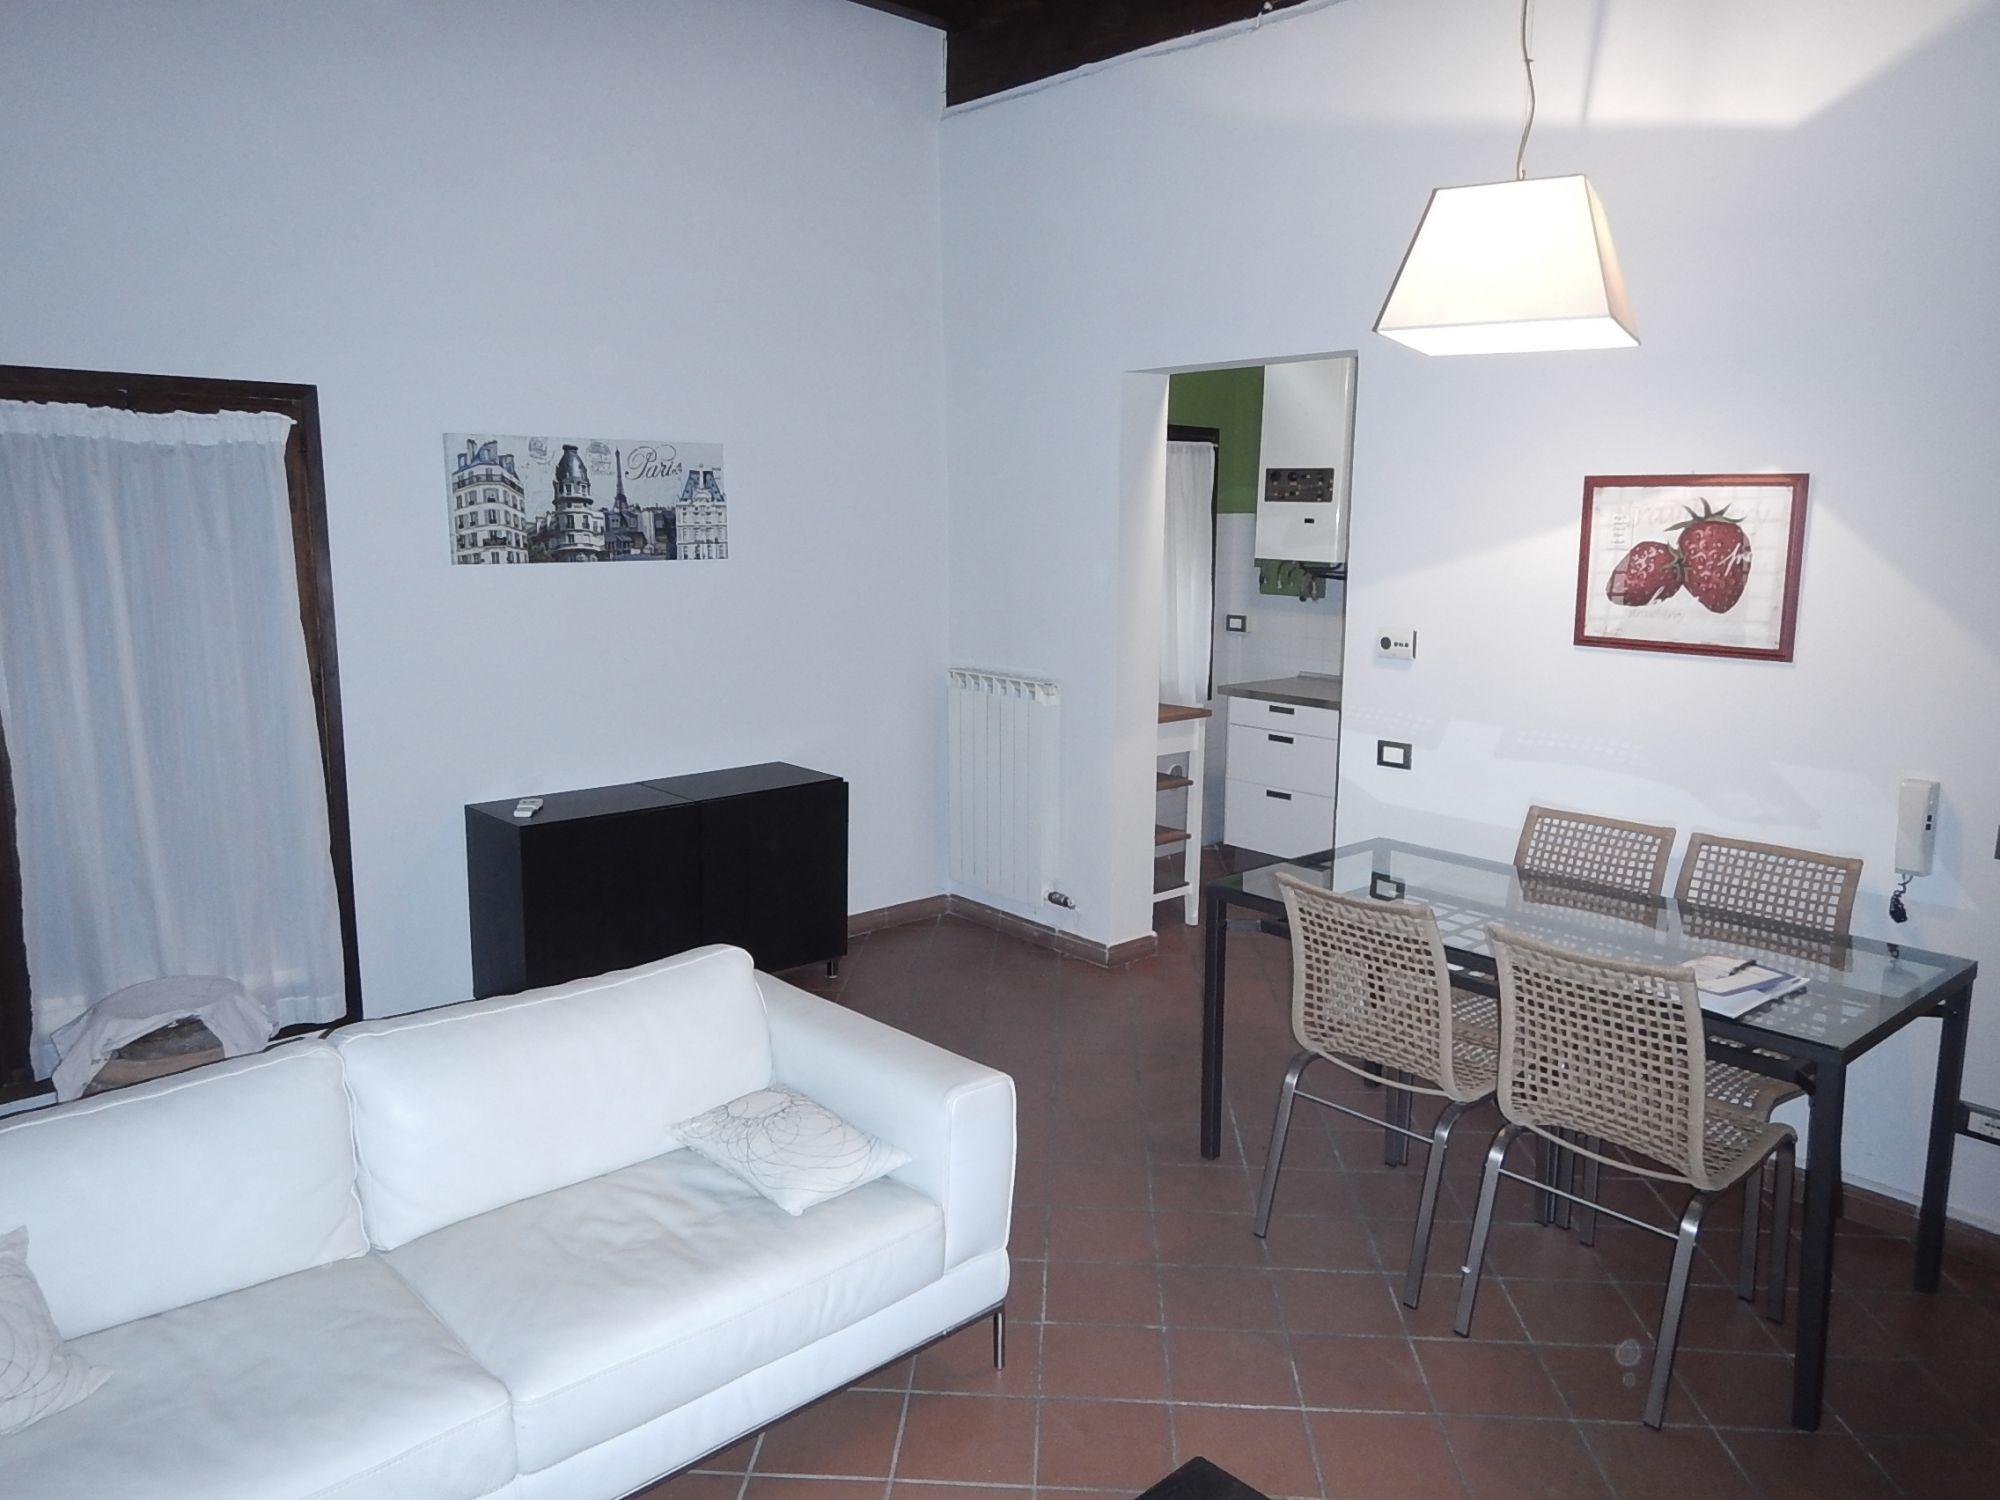 Appartamento in vendita zona centro storico progettocasa for Appartamento centro storico vicenza